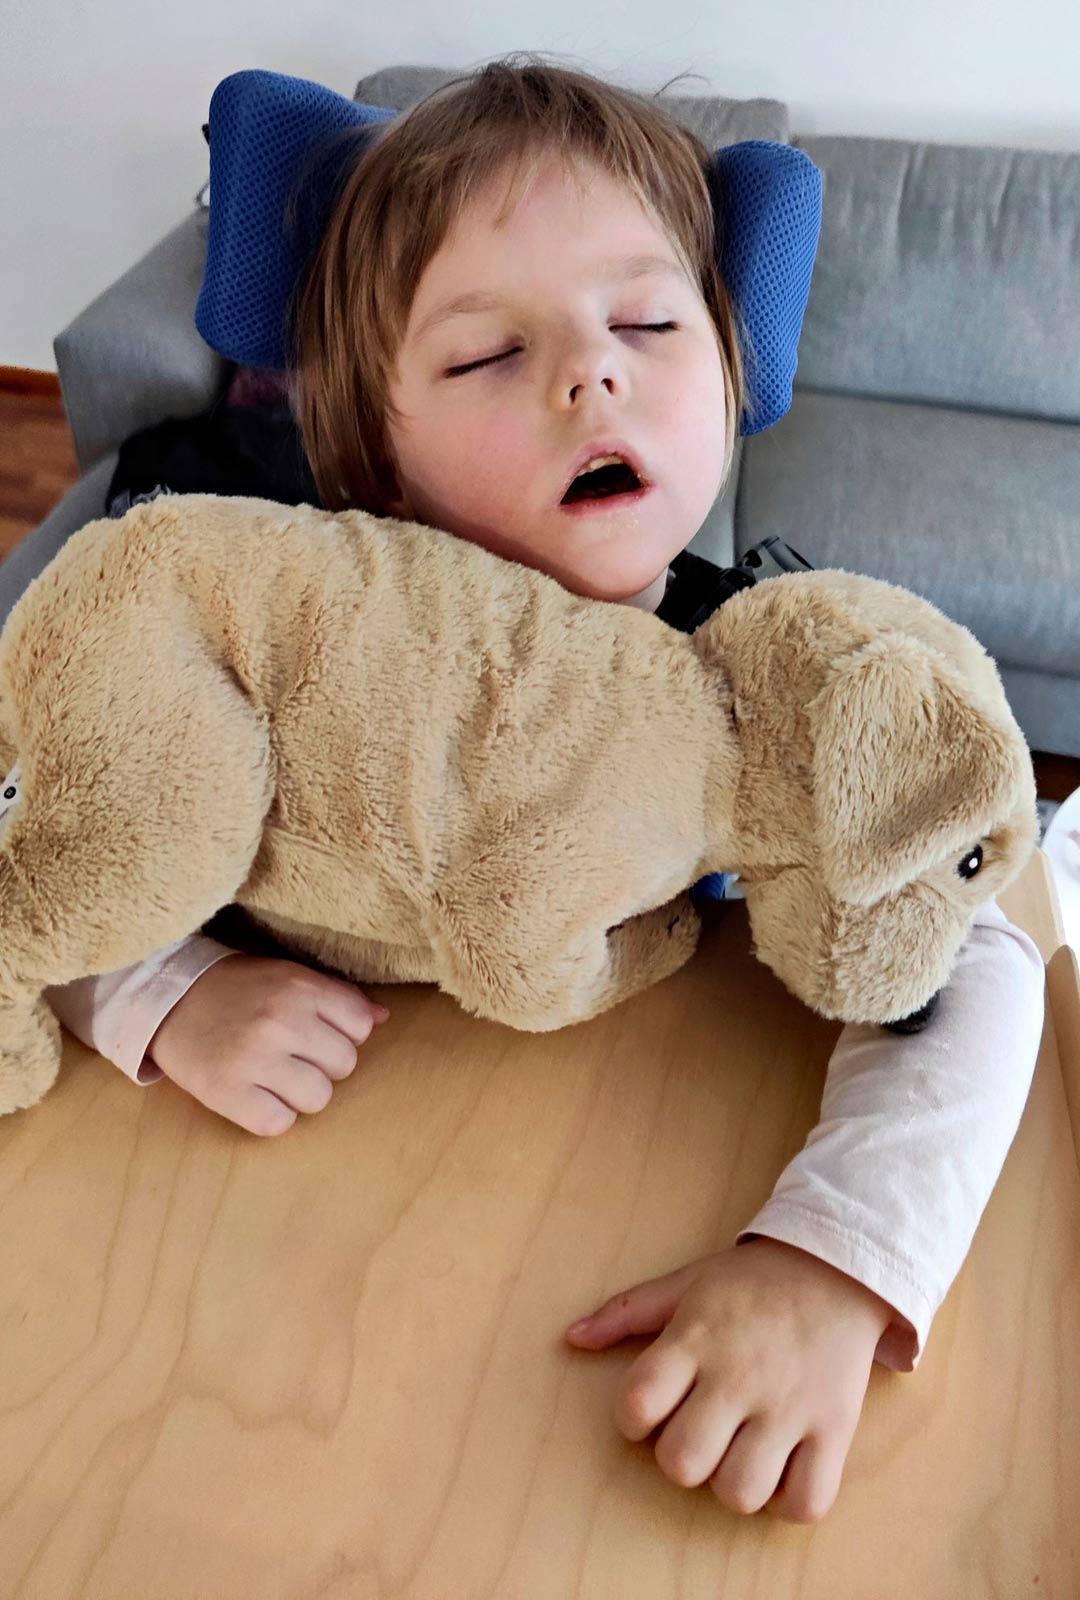 Iitalla on usein väsypäiviä, jolloin hän nukkuu paljon.